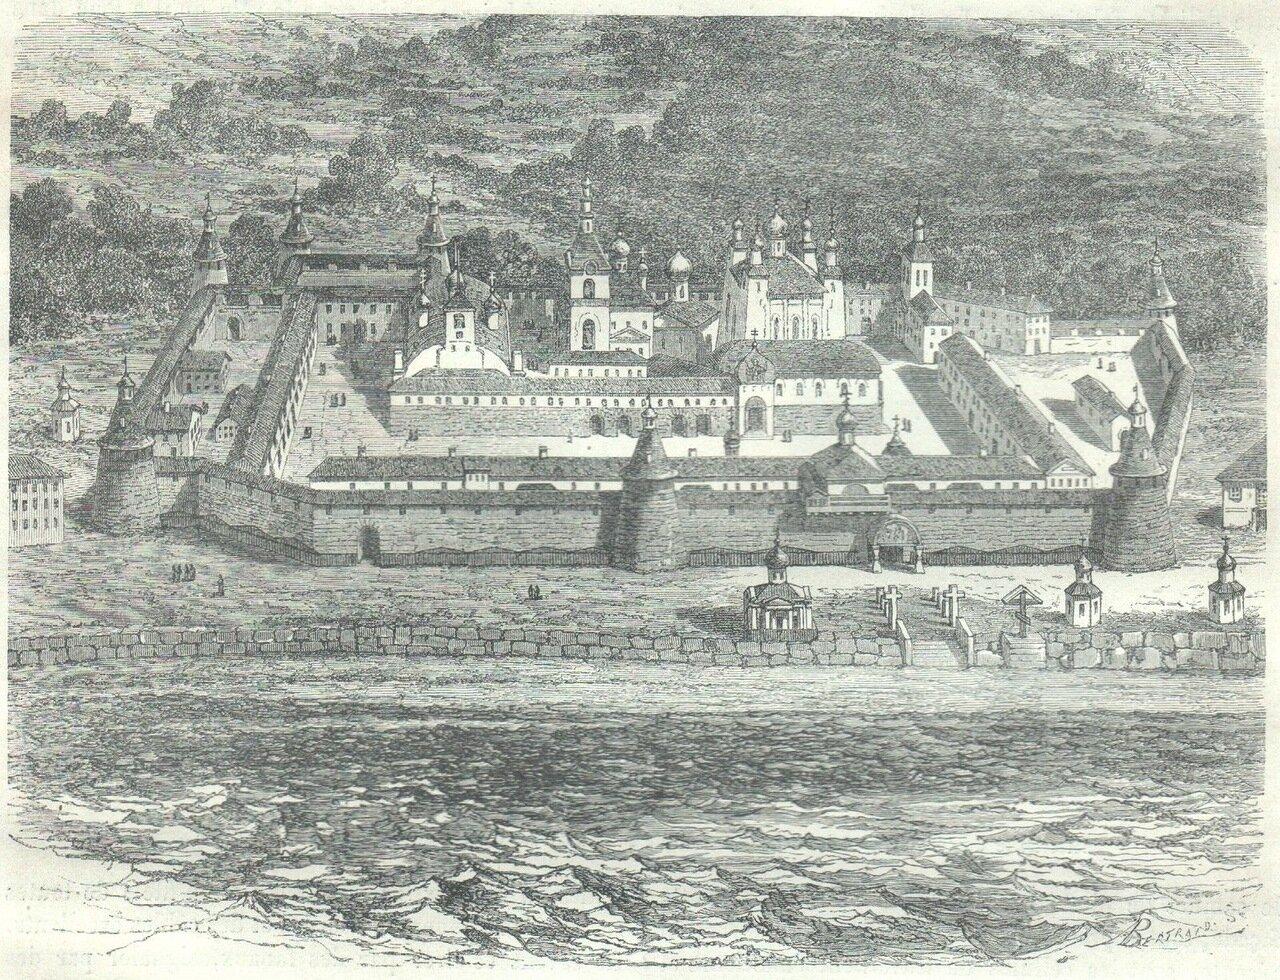 1872. Соловецкий монастырь с высоты птичьего полета